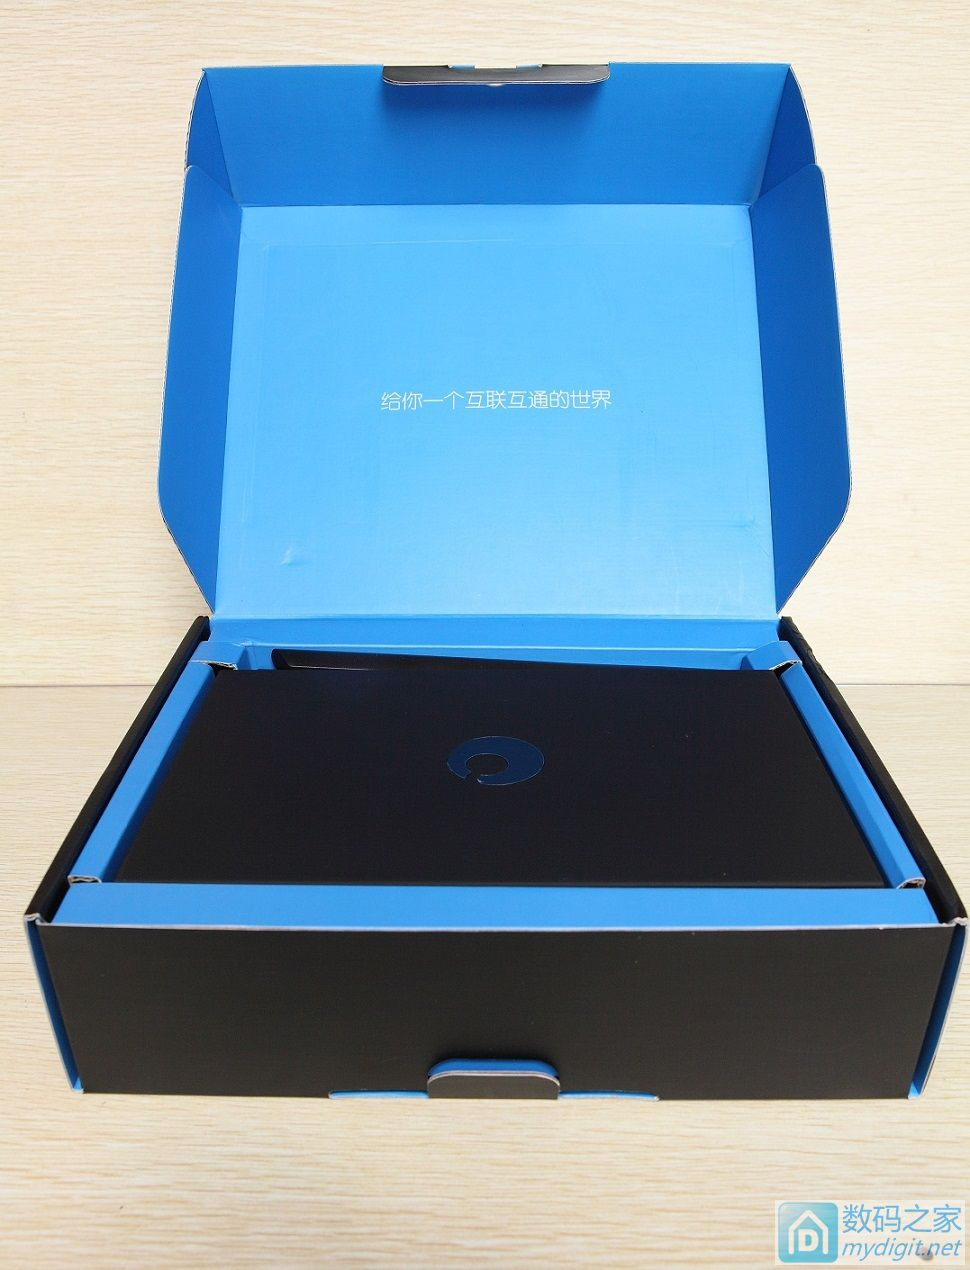 蒲公英 X5 路由器详细开箱+使用测评